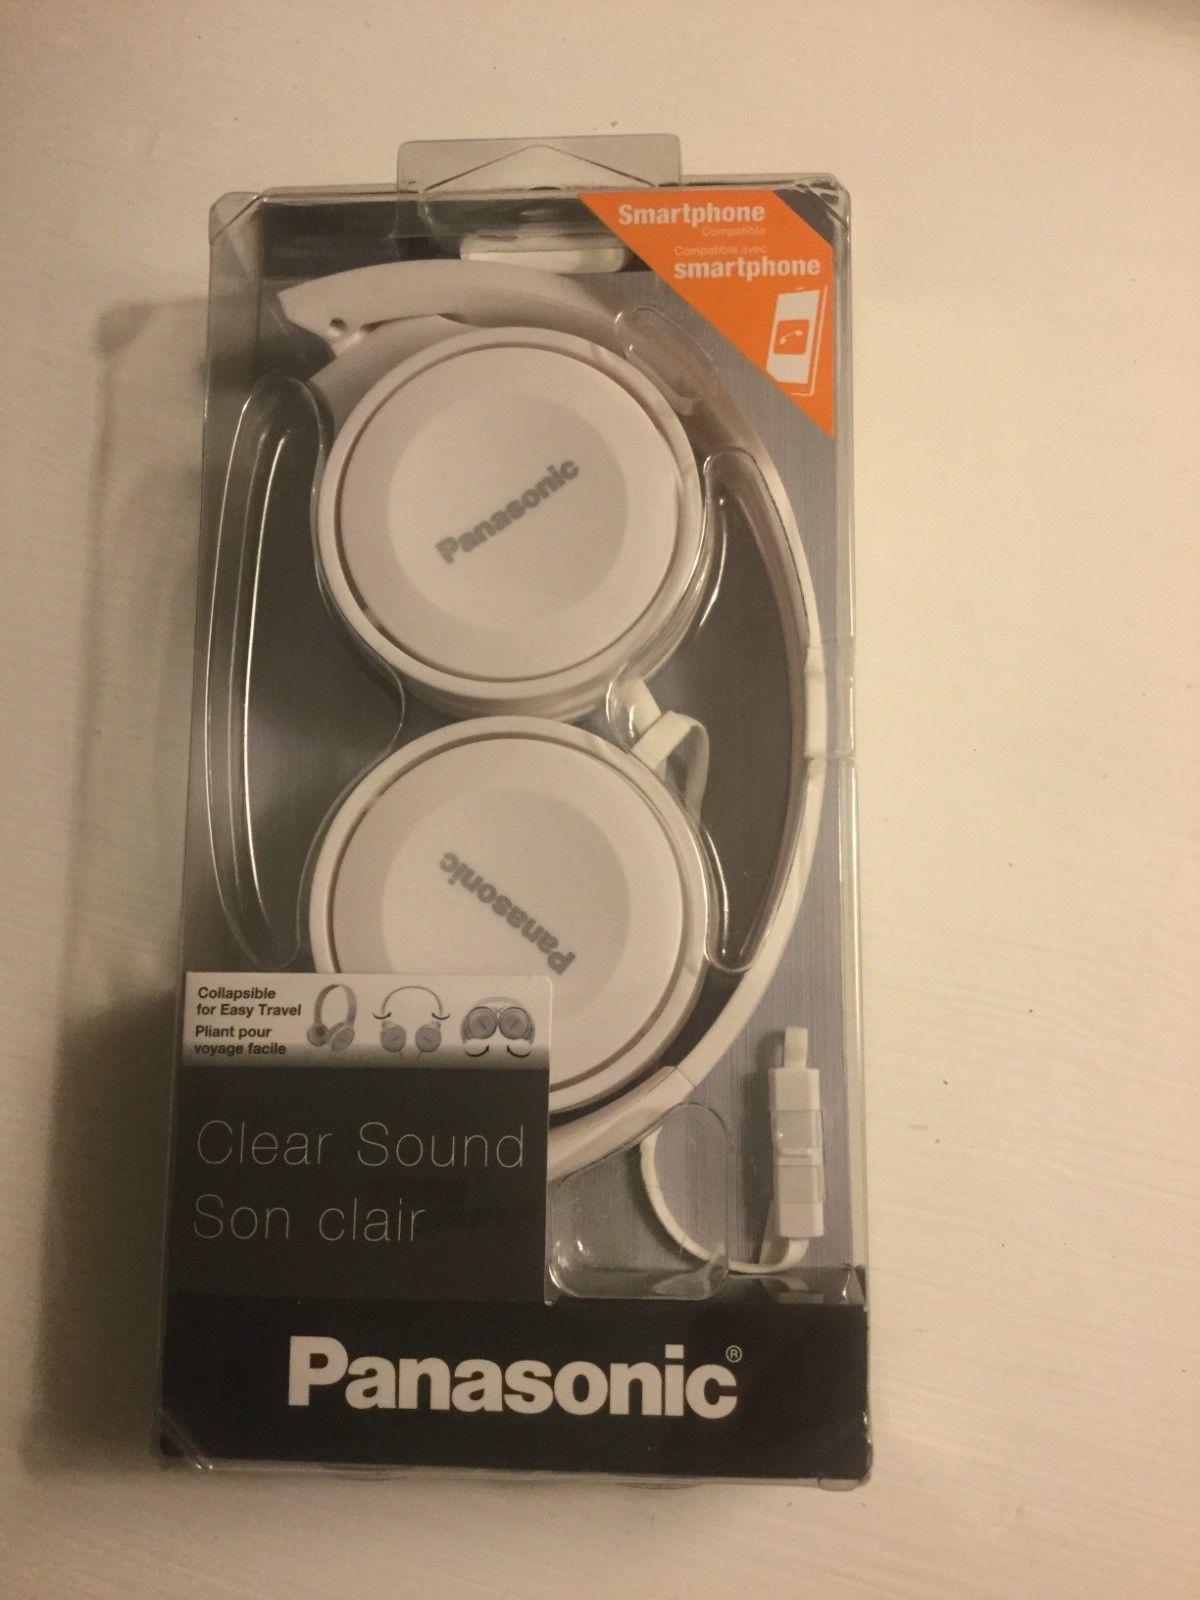 Panasonic headphones rp-hf100 £1 @B&M